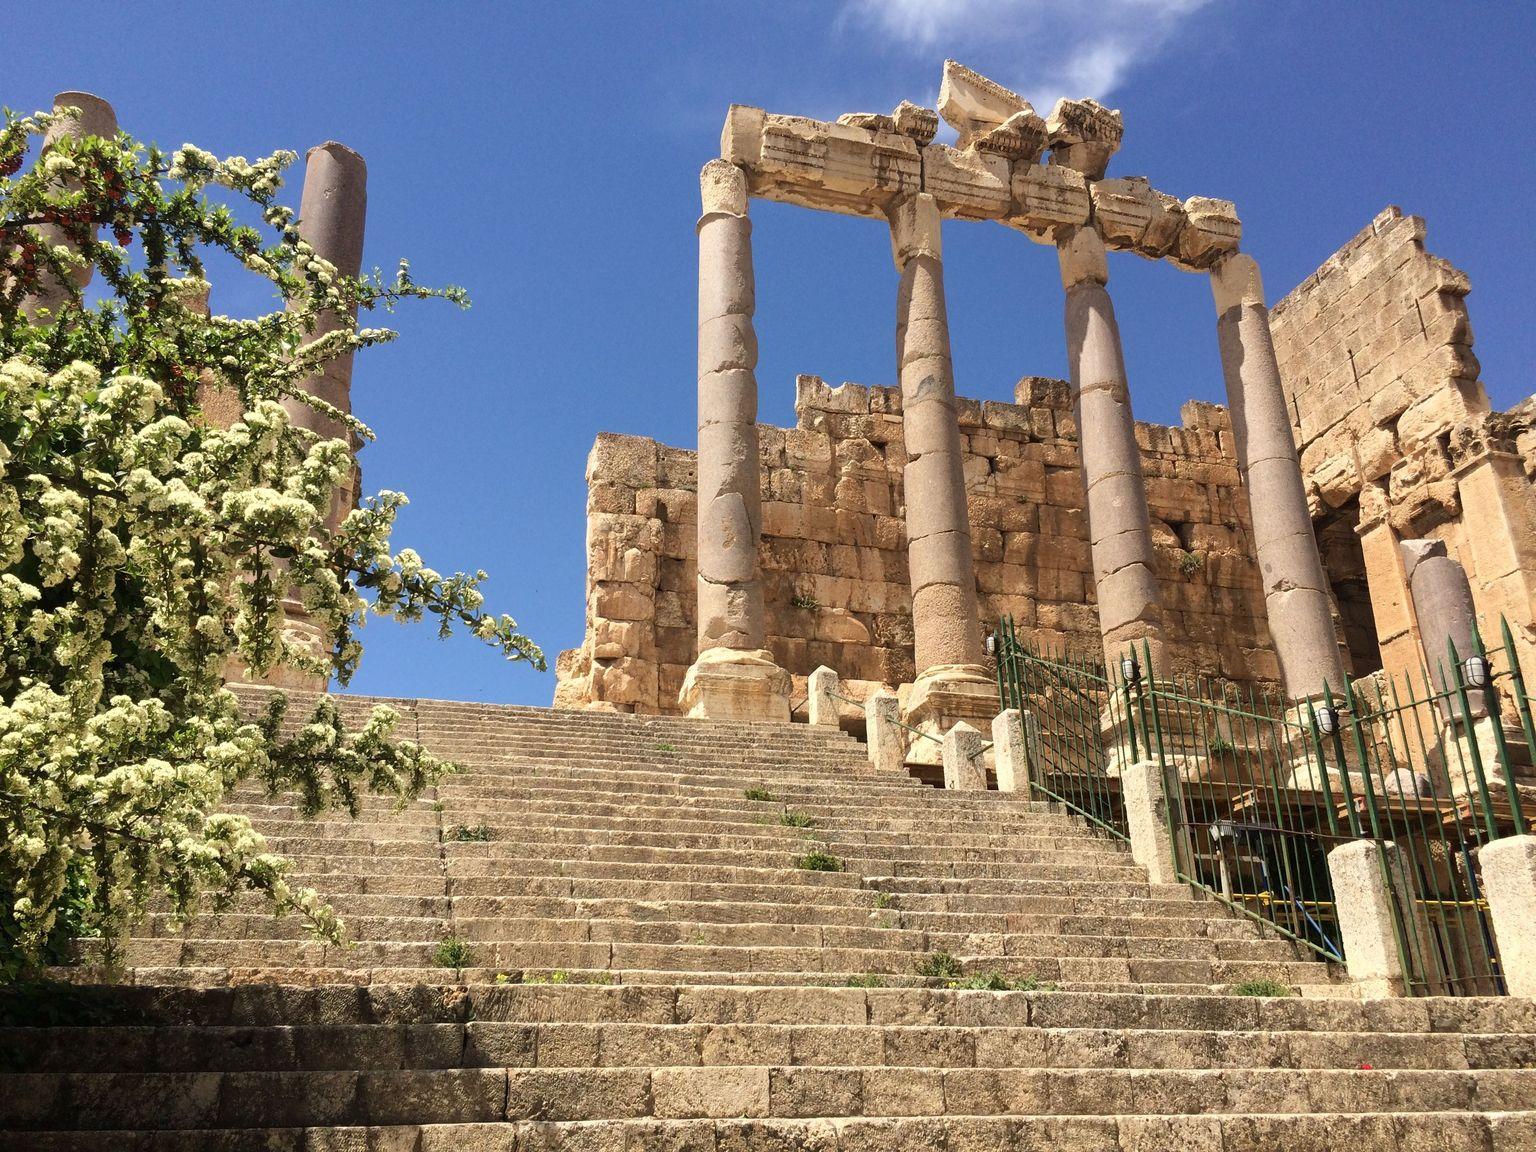 MÁS FOTOS, Escapada de un día a Anjar, Baalbek y Ksara desde Beirut